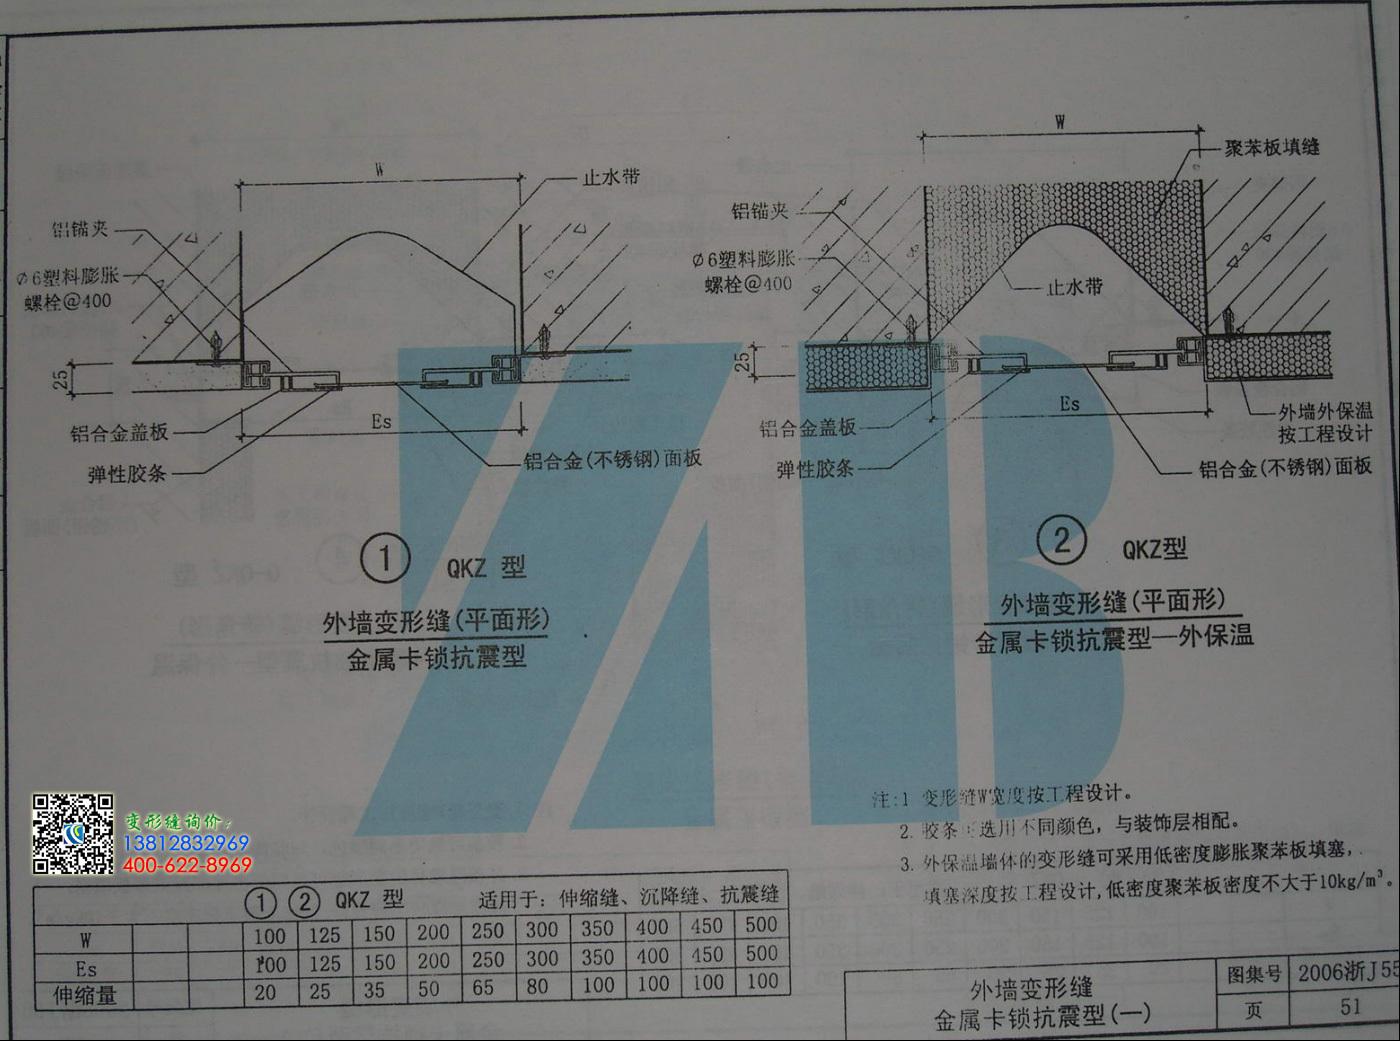 2006浙j55外墙变形缝金属卡锁抗震型